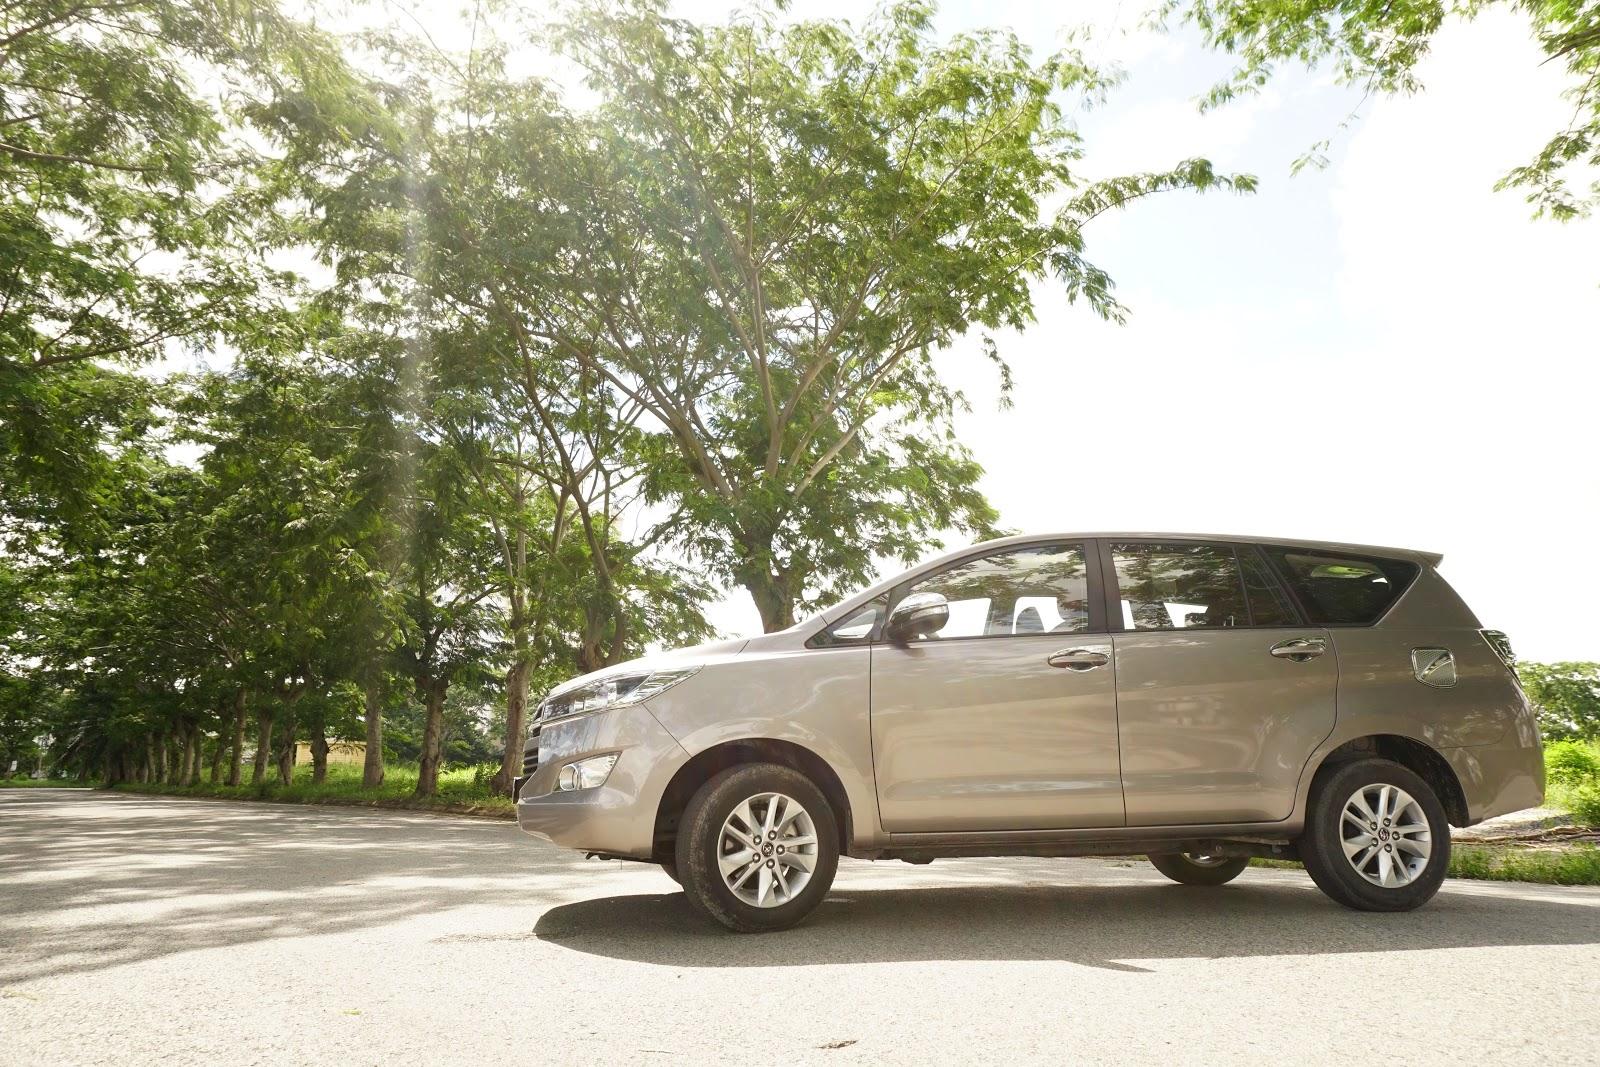 Toyota Innova 2016 sẽ tiếp tục tạo cơn sốt và thống trị thị trường xe Việt?